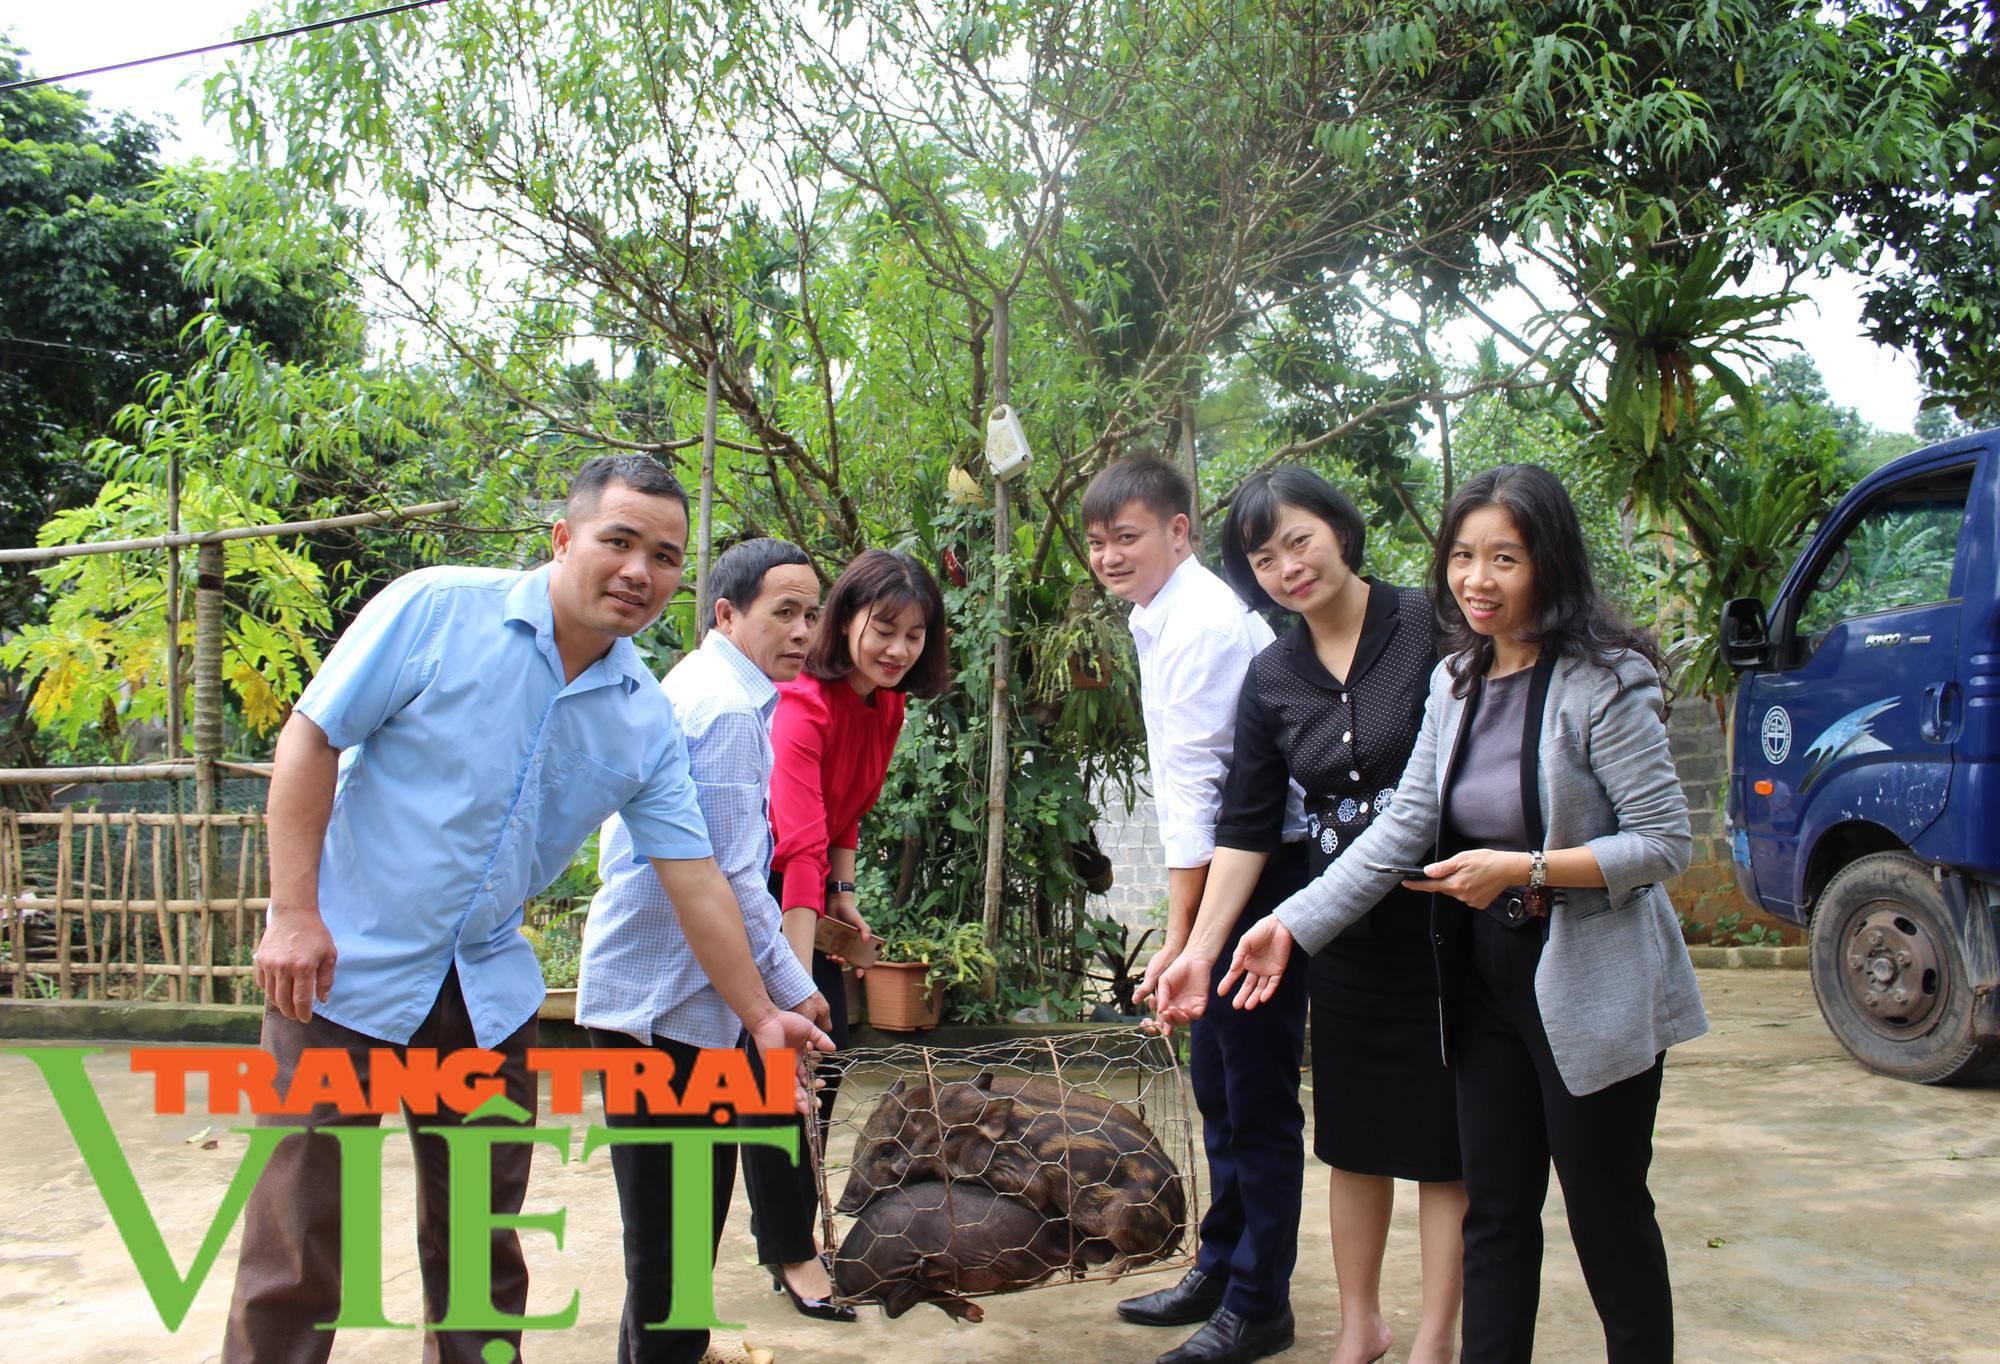 Hội Nông dân tỉnh Hòa Bình: Trao tặng lợn giống, vật tư chăn nuôi cho hội viên - Ảnh 1.